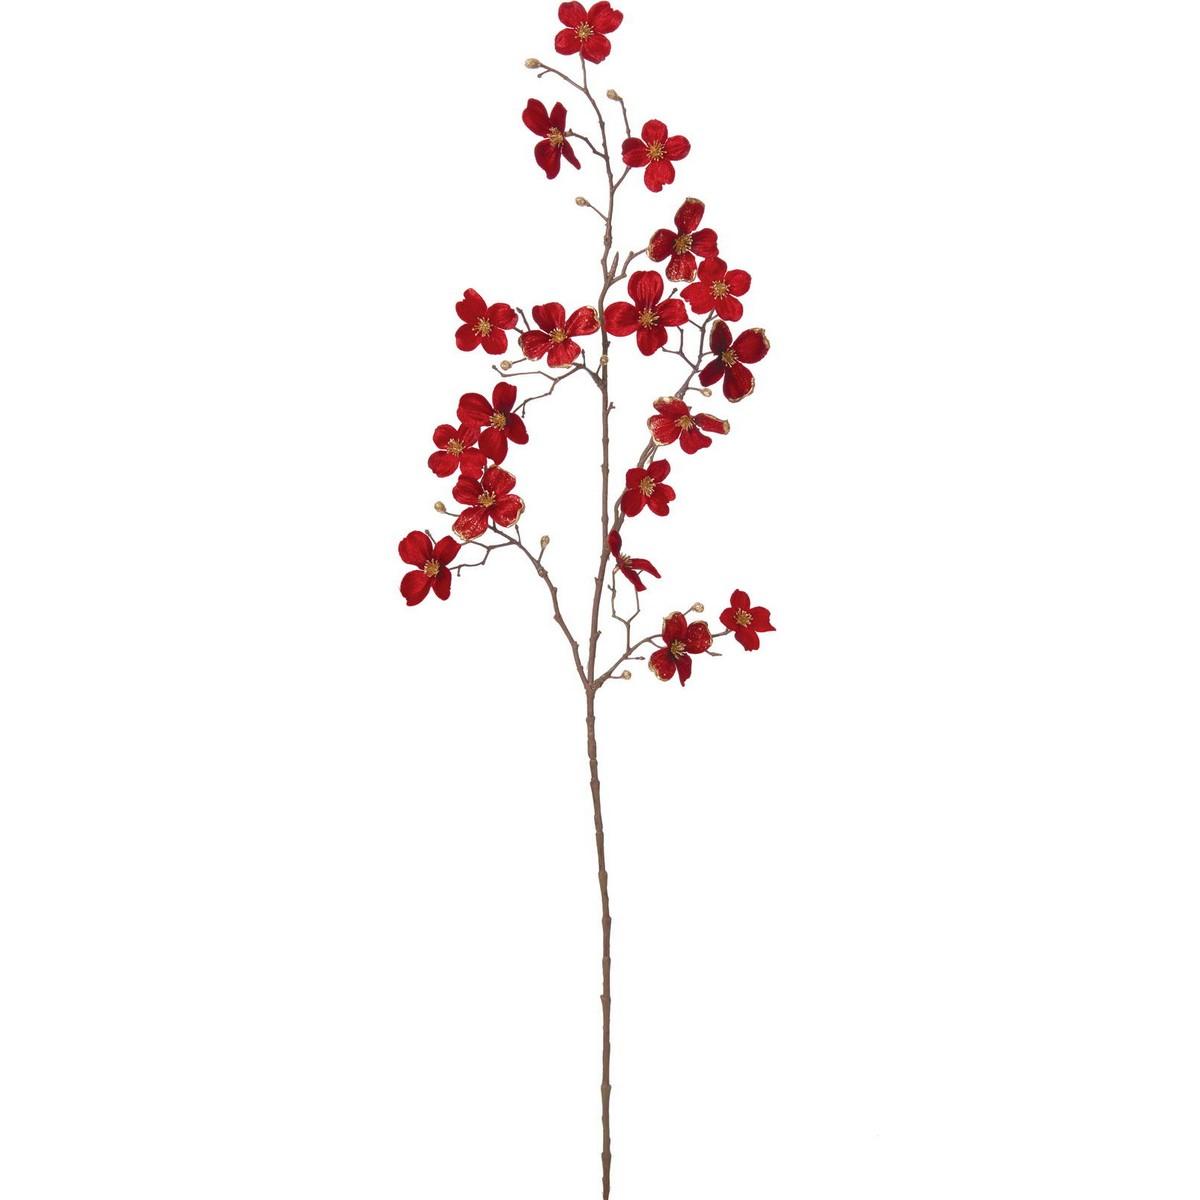 【造花】YDM/ベルベットドッグウッドブランチ/FS-5271R【01】【01】【取寄】《 造花(アーティフィシャルフラワー) 造花 花材「ま行」 モクレン(木蓮)・マグノリア 》